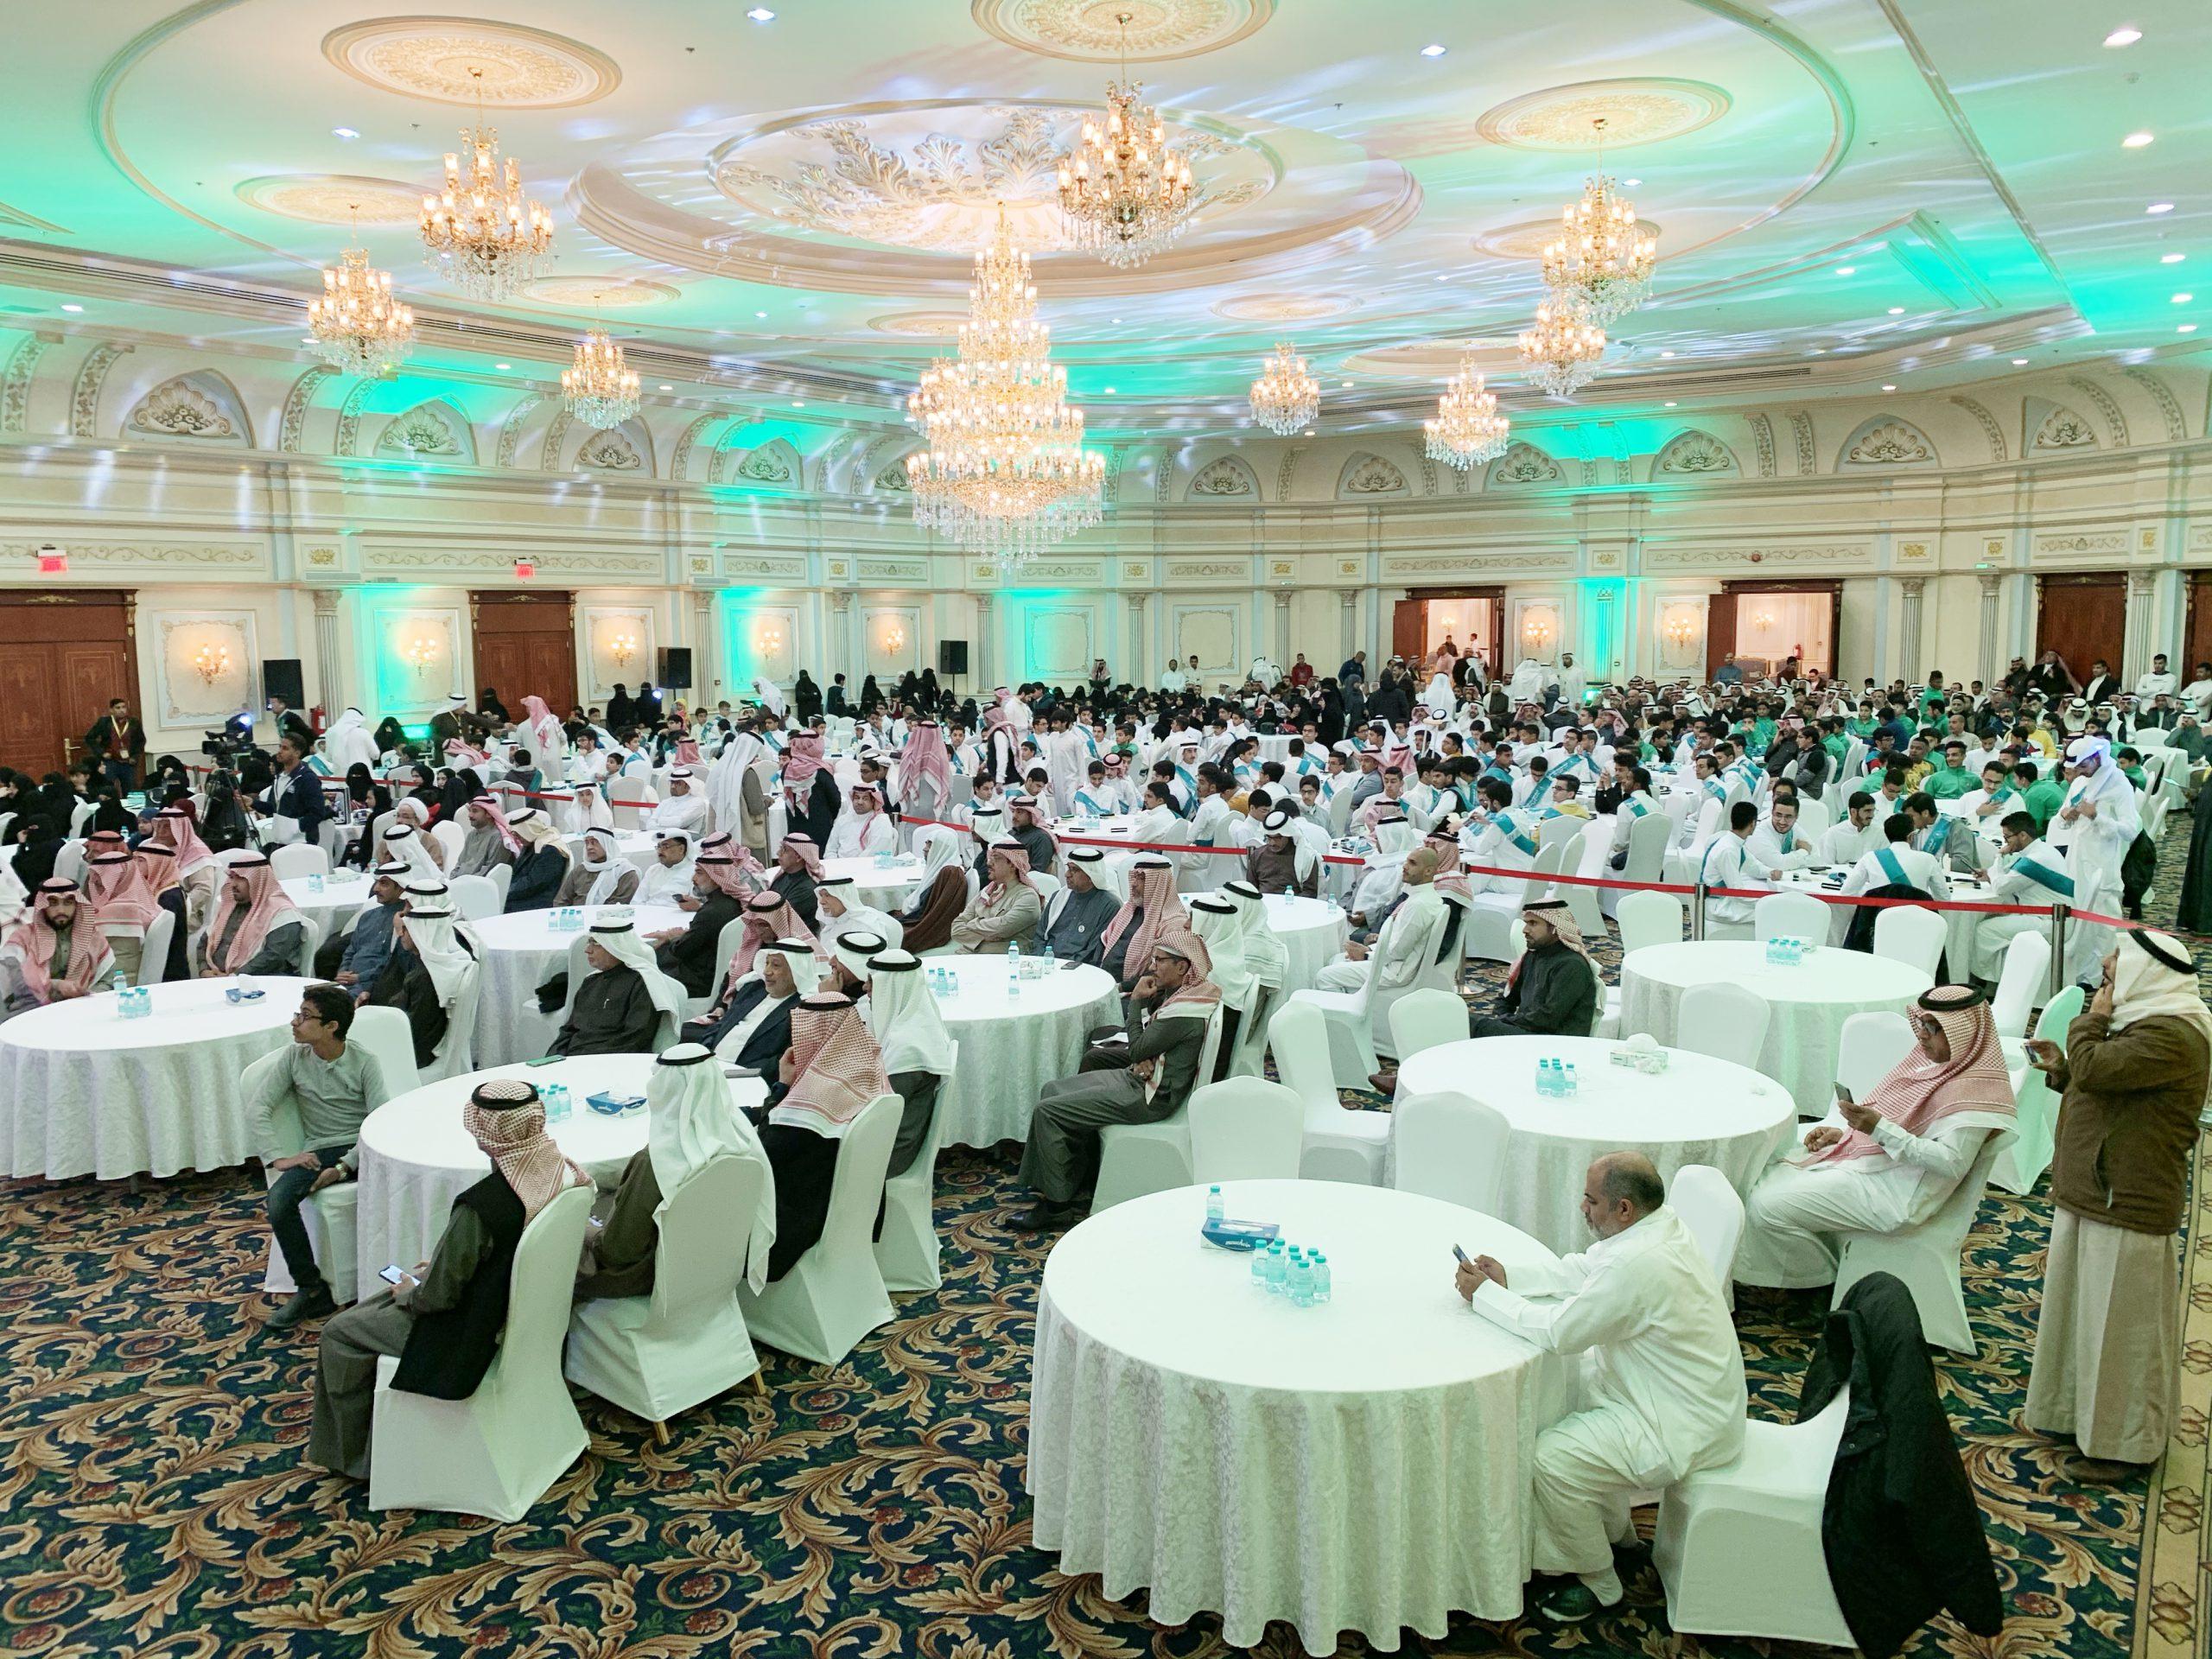 المسؤولية الاجتماعية بنادي الخليج تعلن عن تكريم المتفوقين الجامعيين لعقد 2020-2010 وفق ضوابط محددة